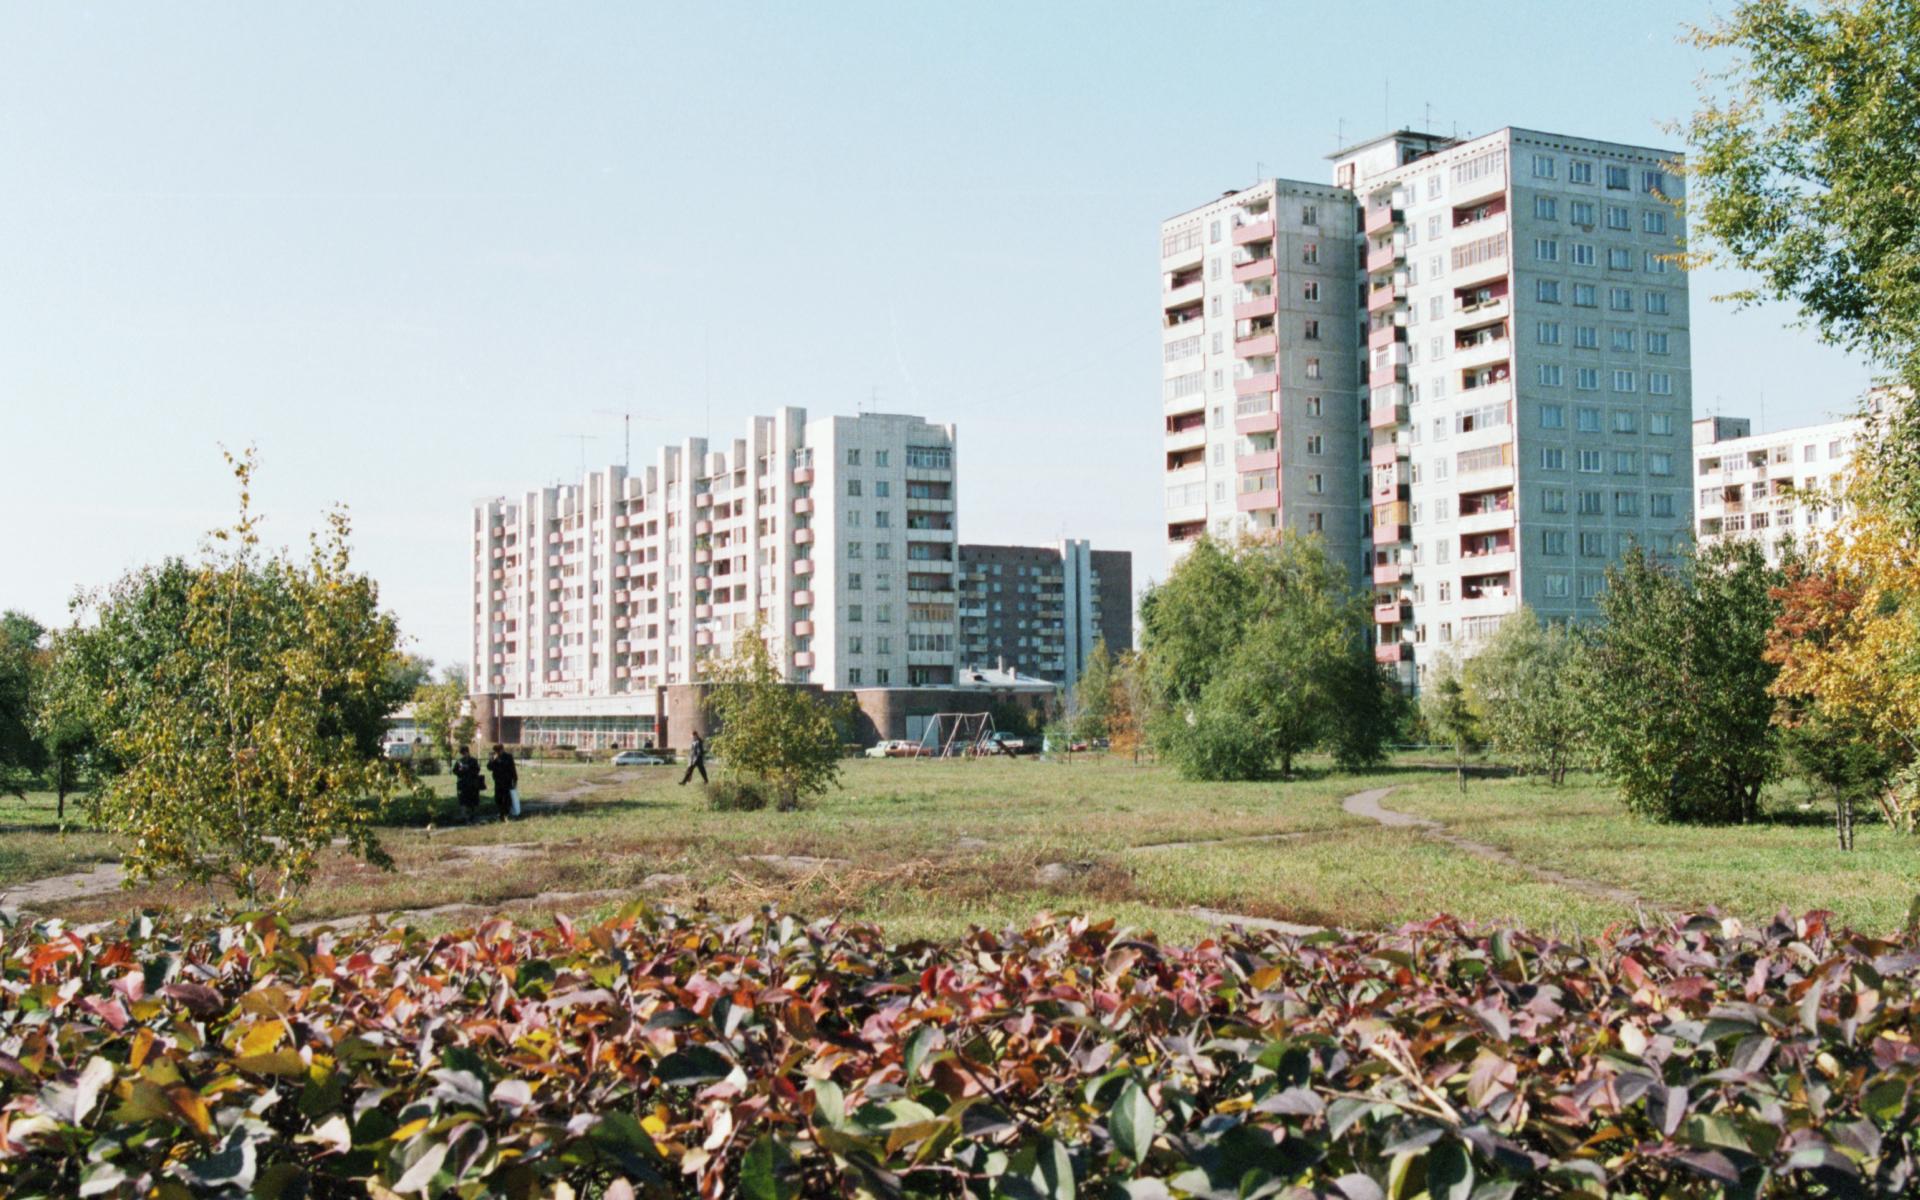 Цена 1 кв. м в Омске за 12 месяцев выросла на 73%